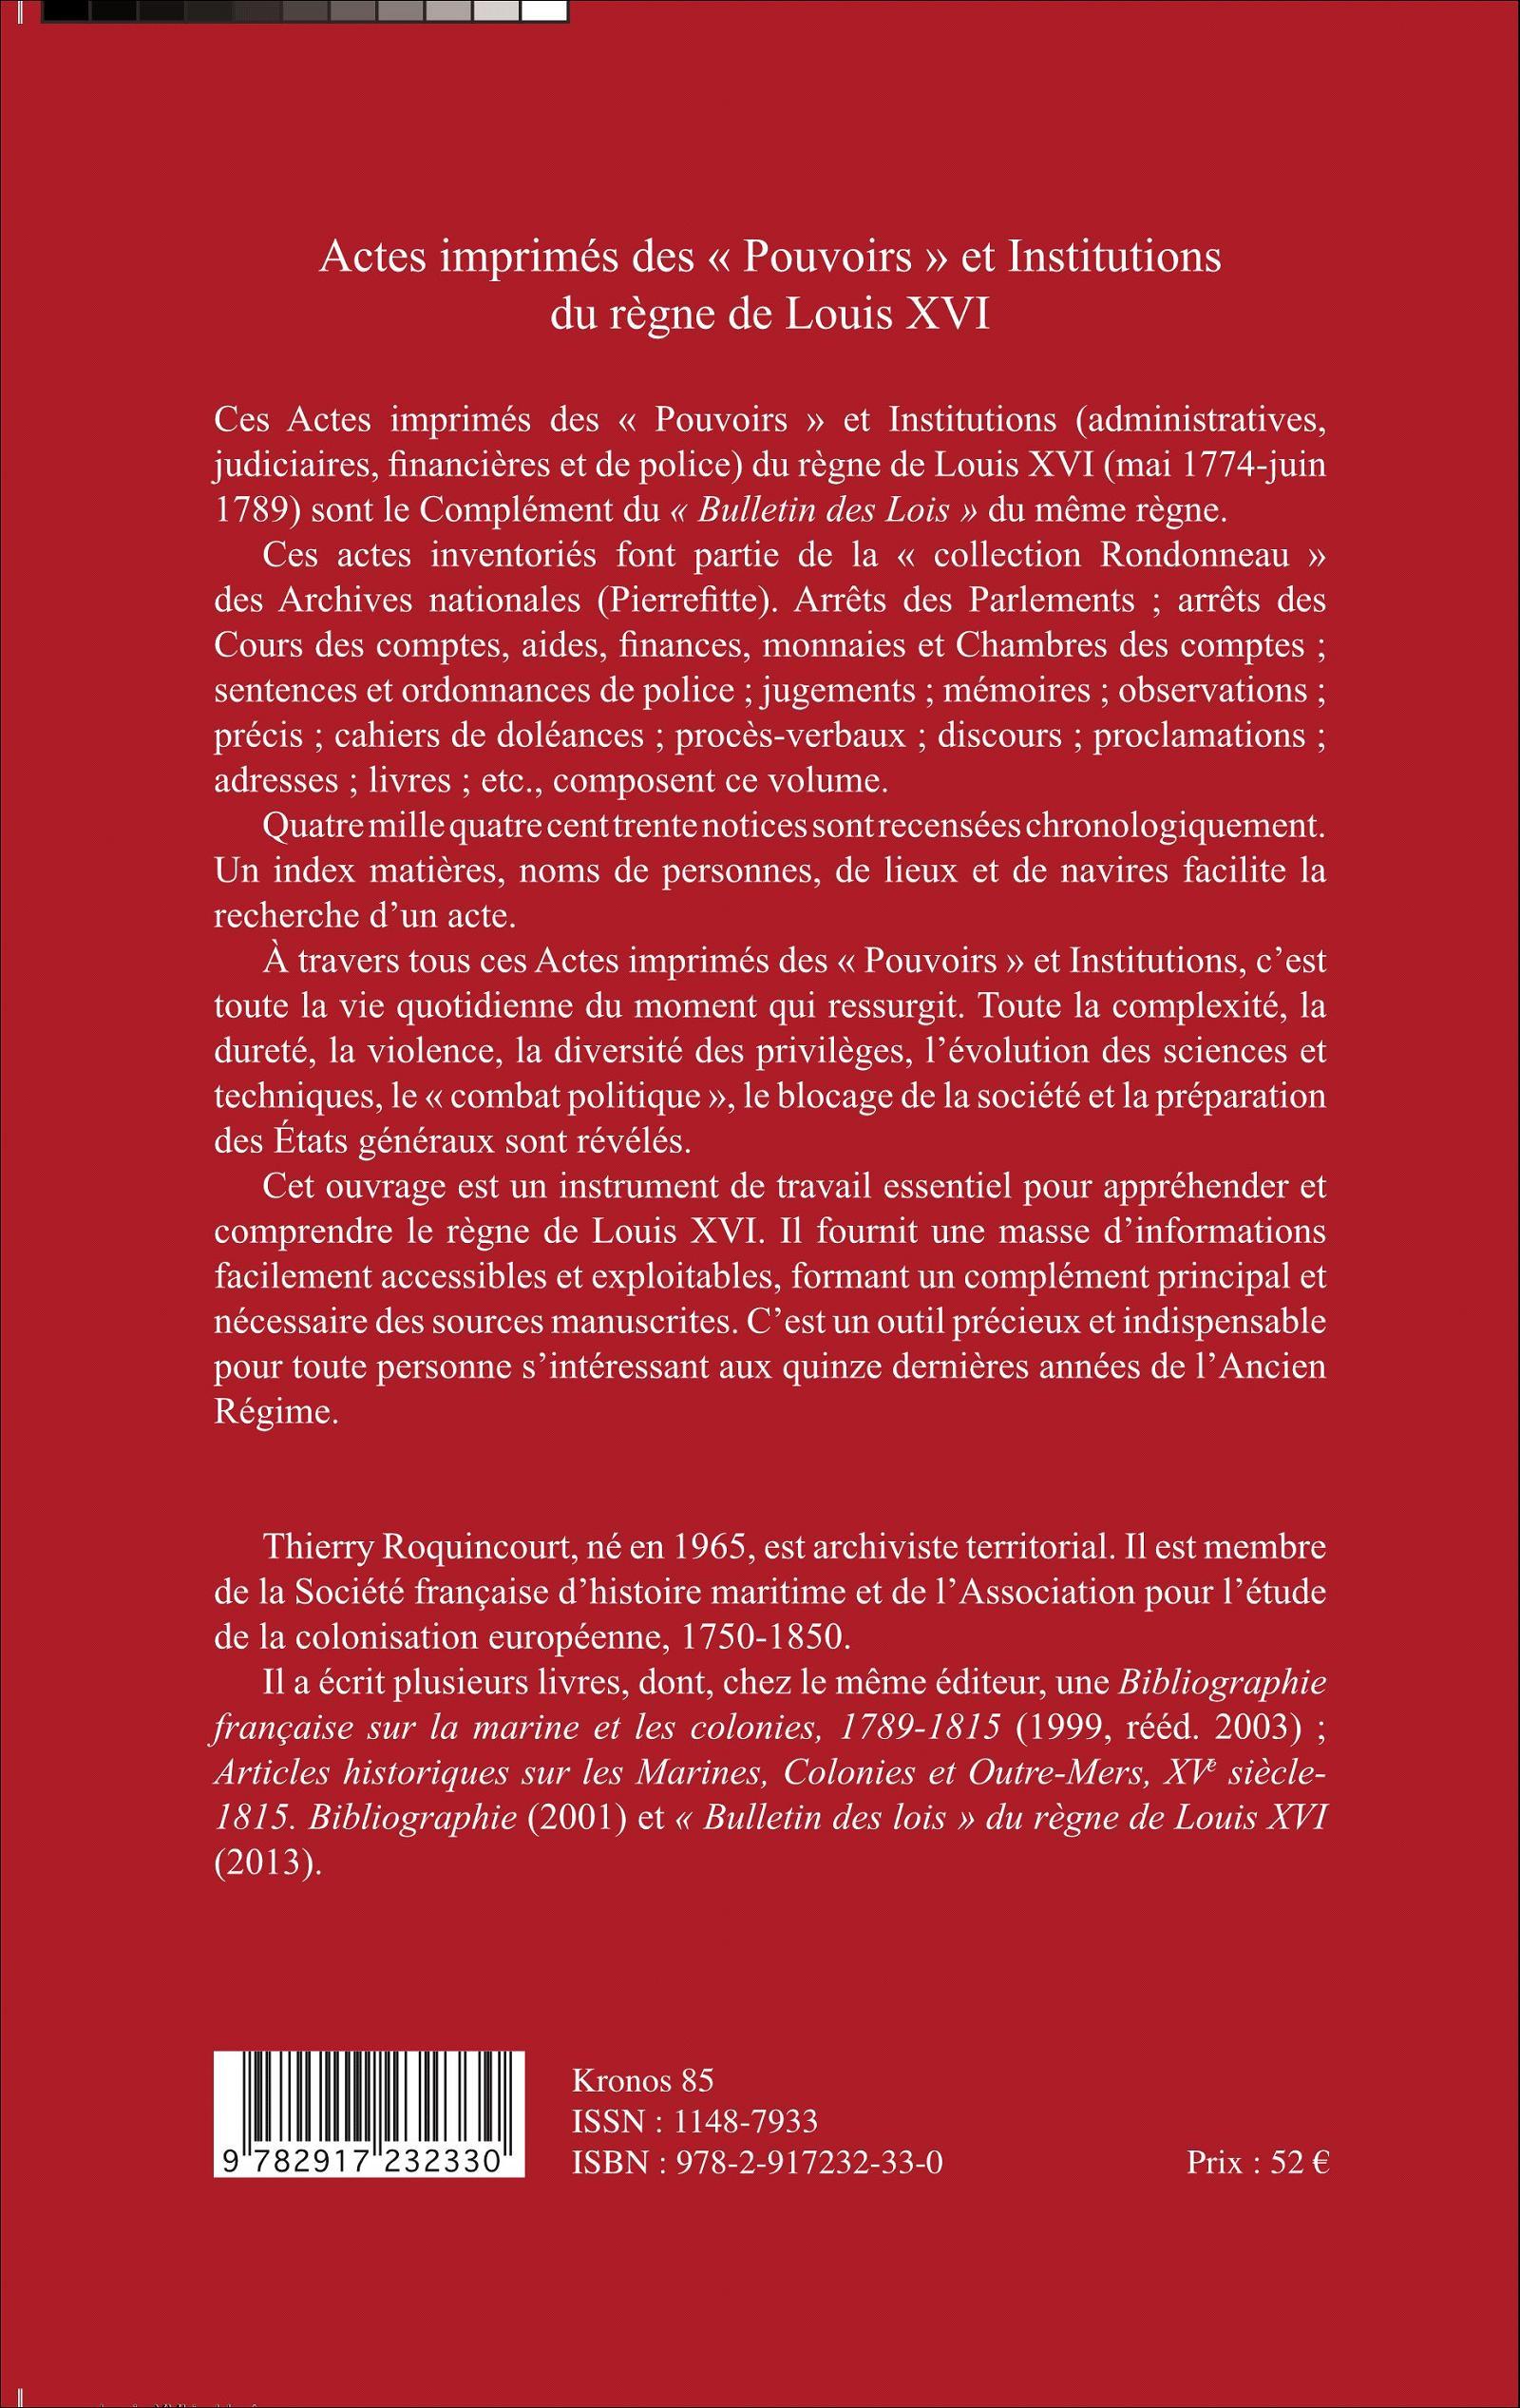 """ACTES IMPRIMÉS DES """"POUVOIRS"""" ET INSTITUTIONS DU RÈGNE DE LOUIS XVI ...: www.editions-harmattan.fr/index.asp?navig=catalogue&obj=livre&no=48172"""